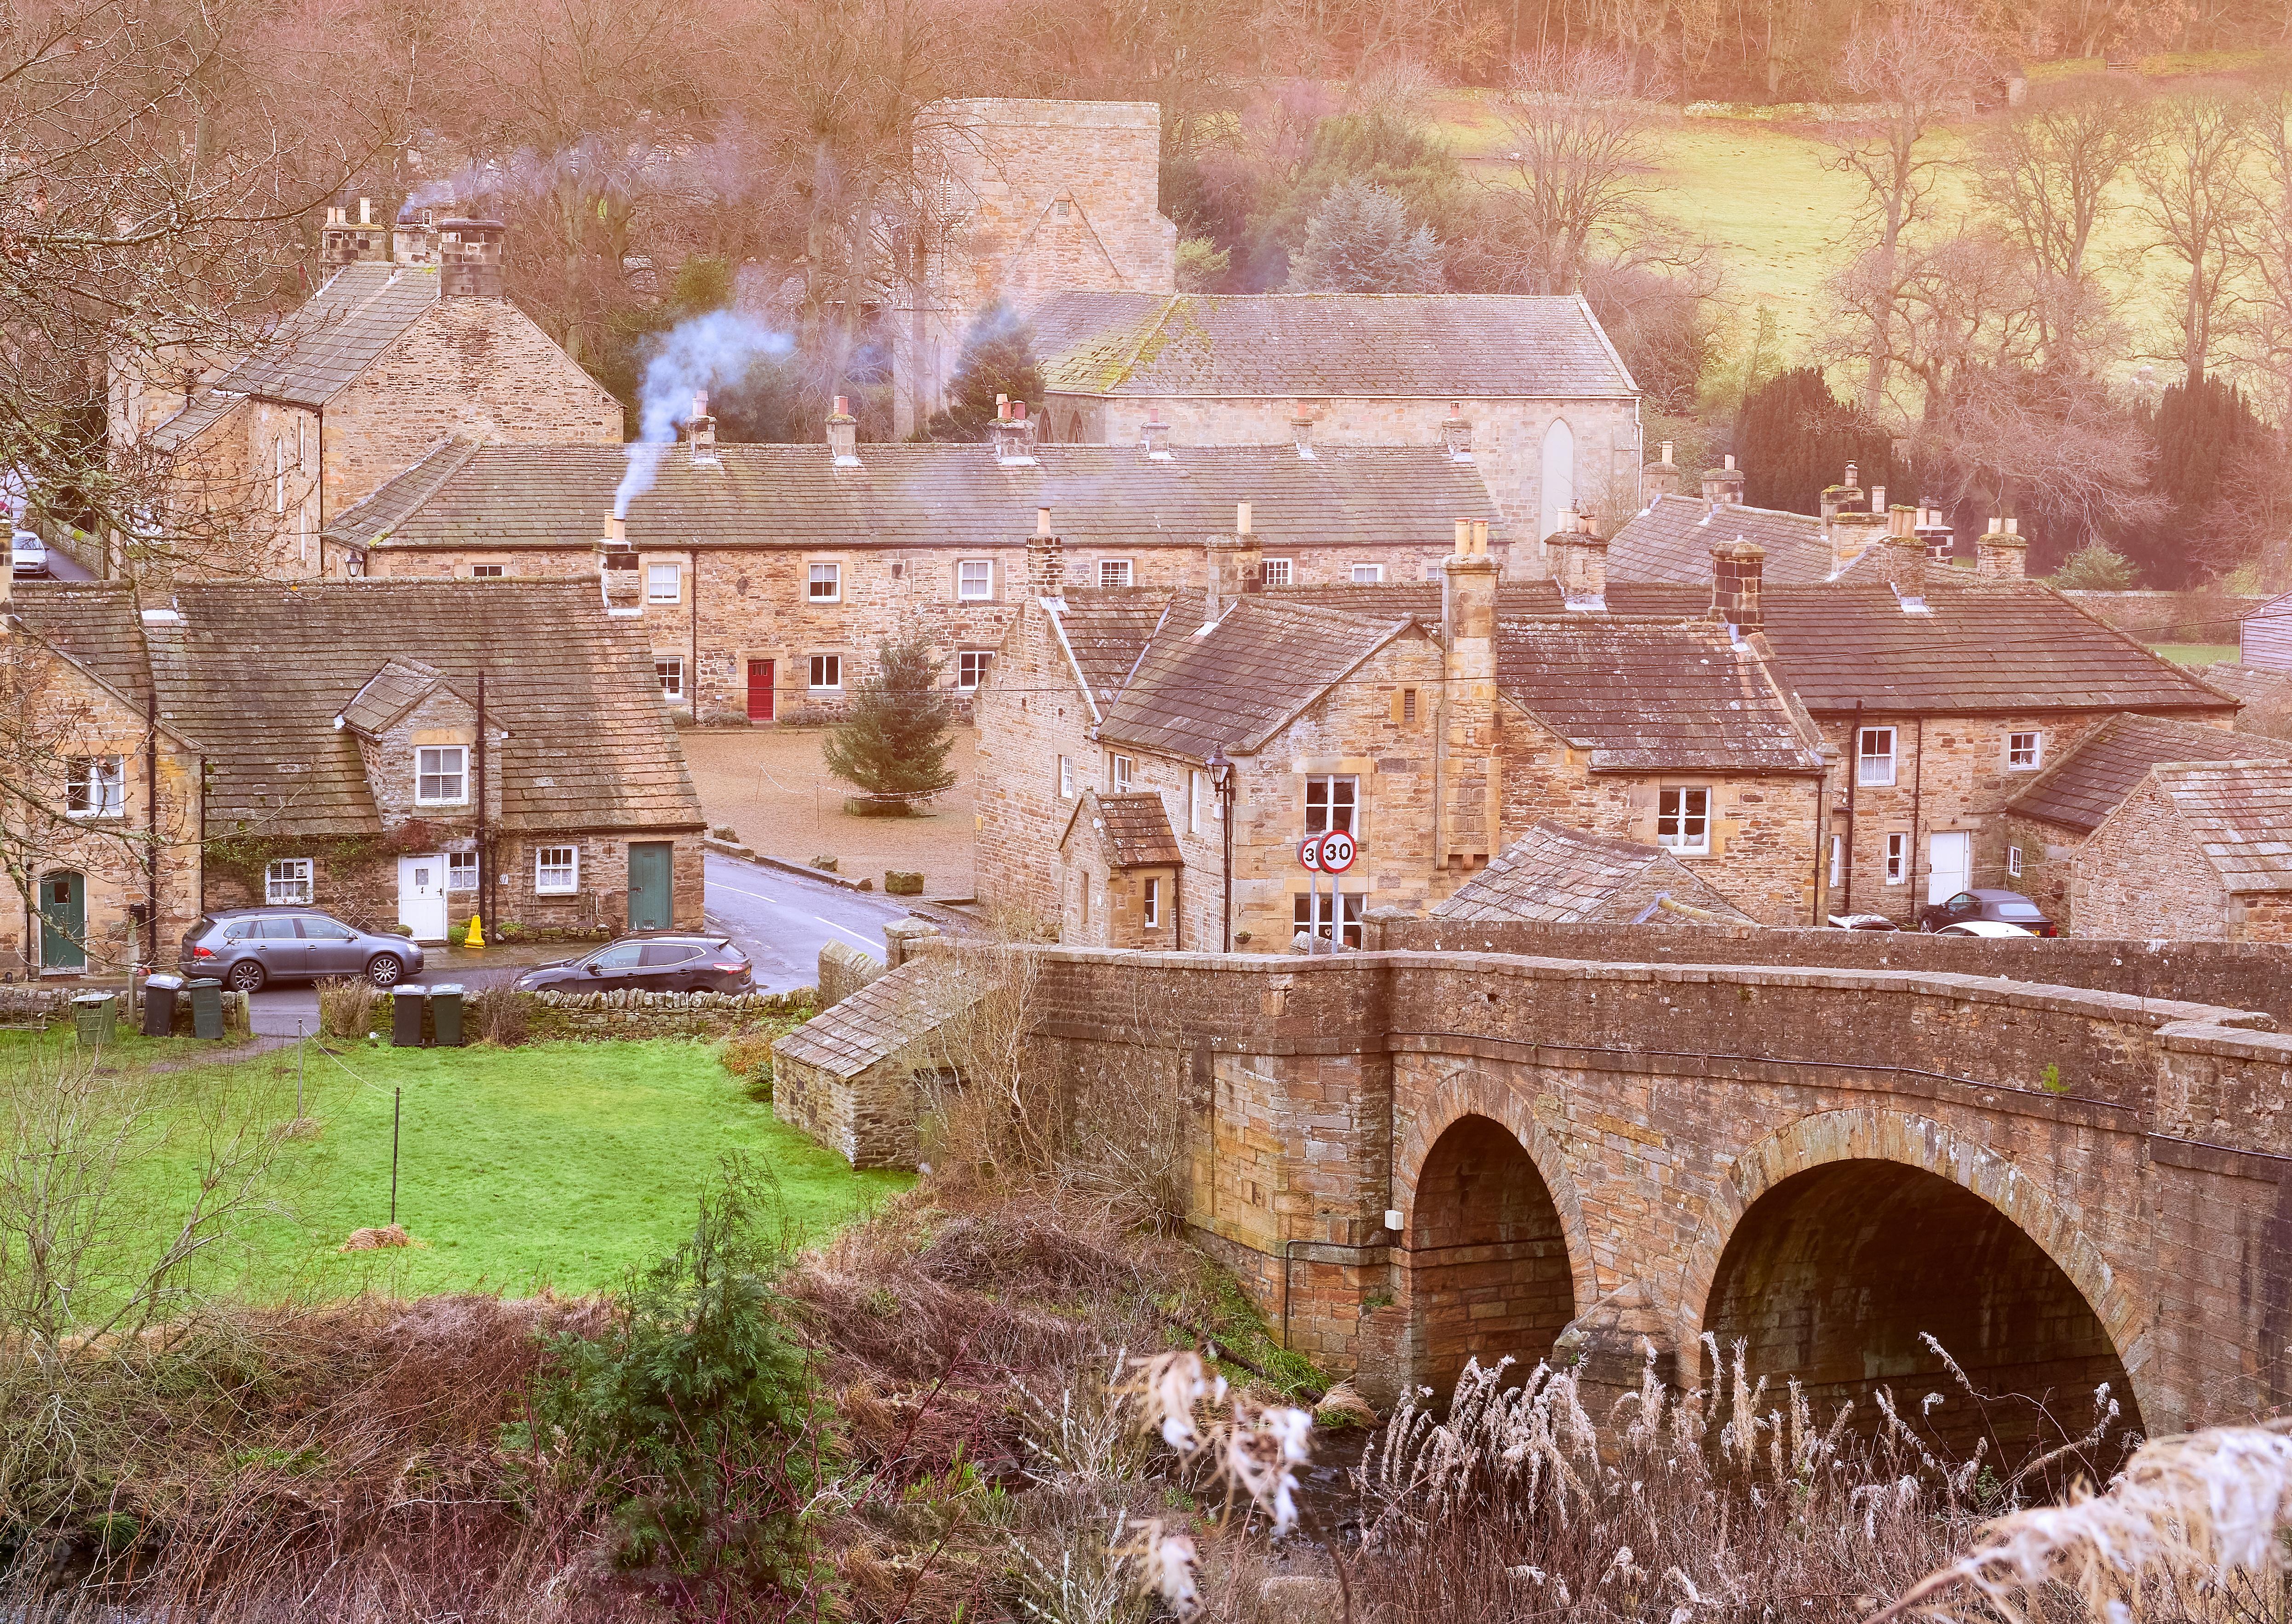 Blanchland in County Durham England Winter village